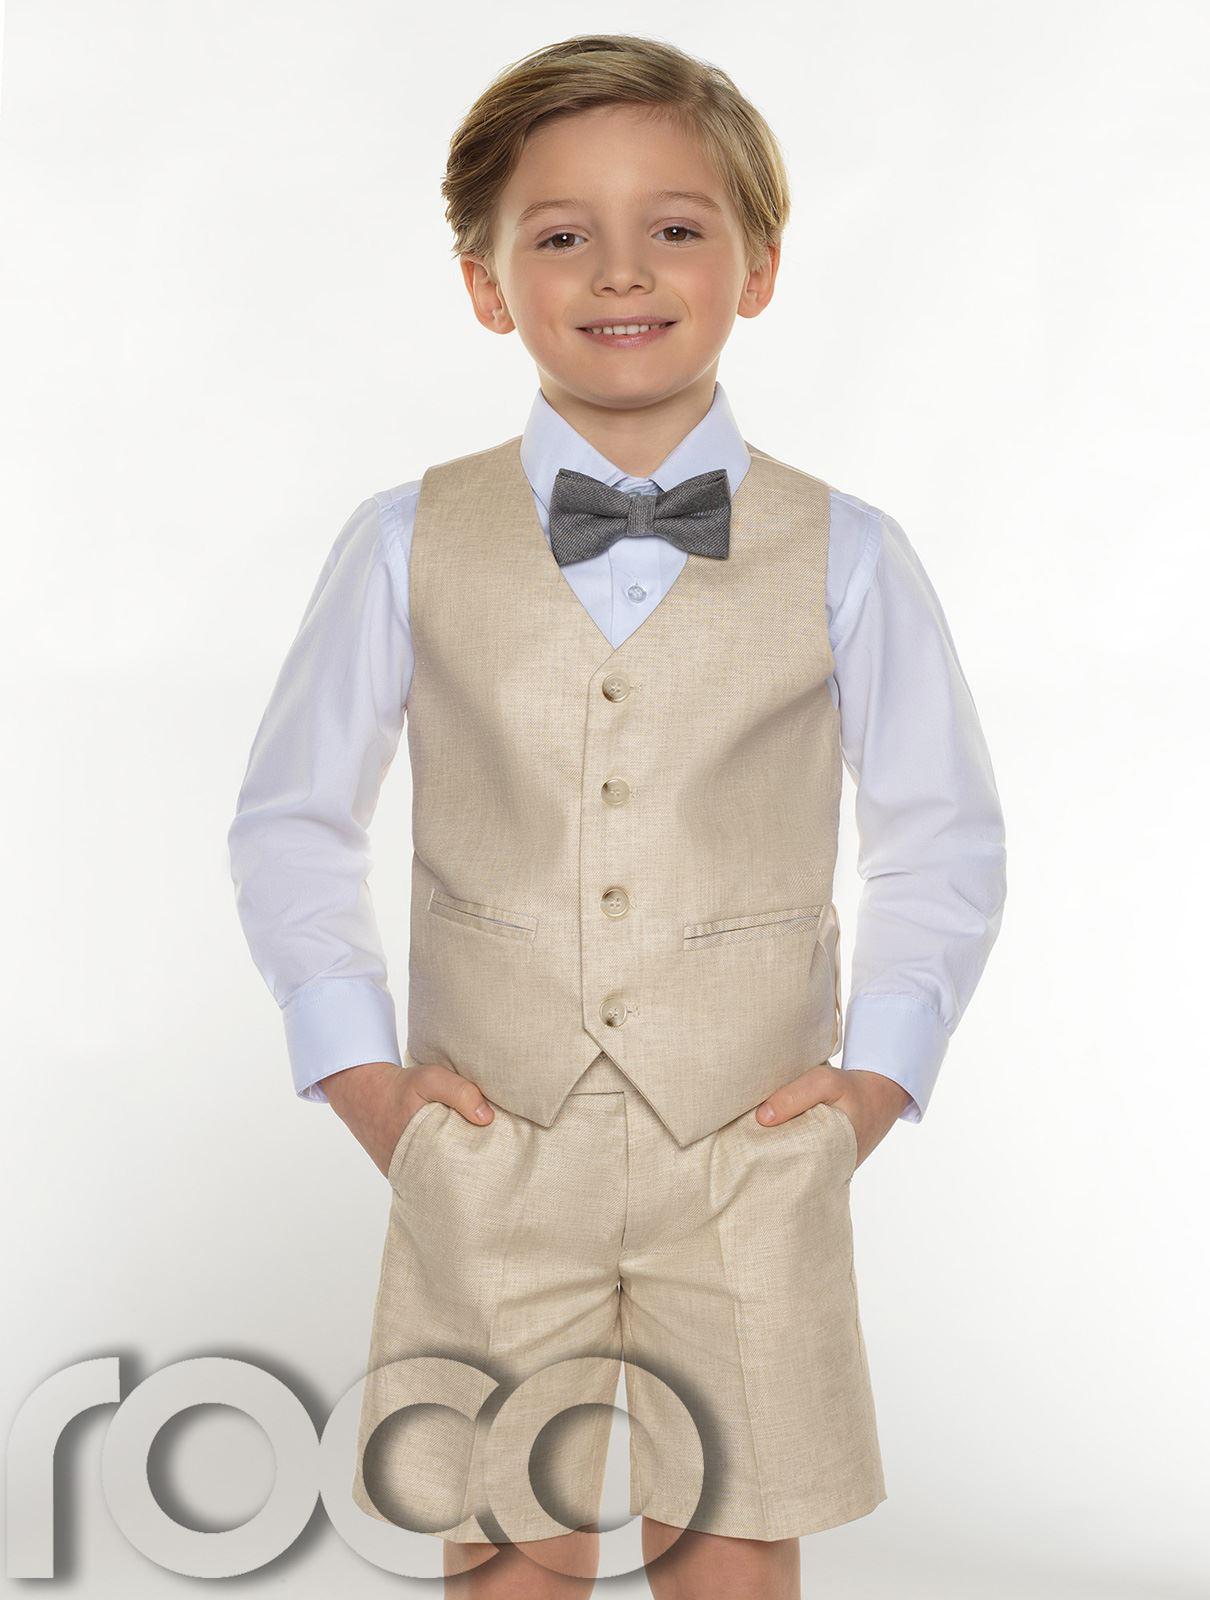 Boys-suits-boys-lin-costumes-page-garcon-tenues-garcons-formal-suits-avec-short miniature 5